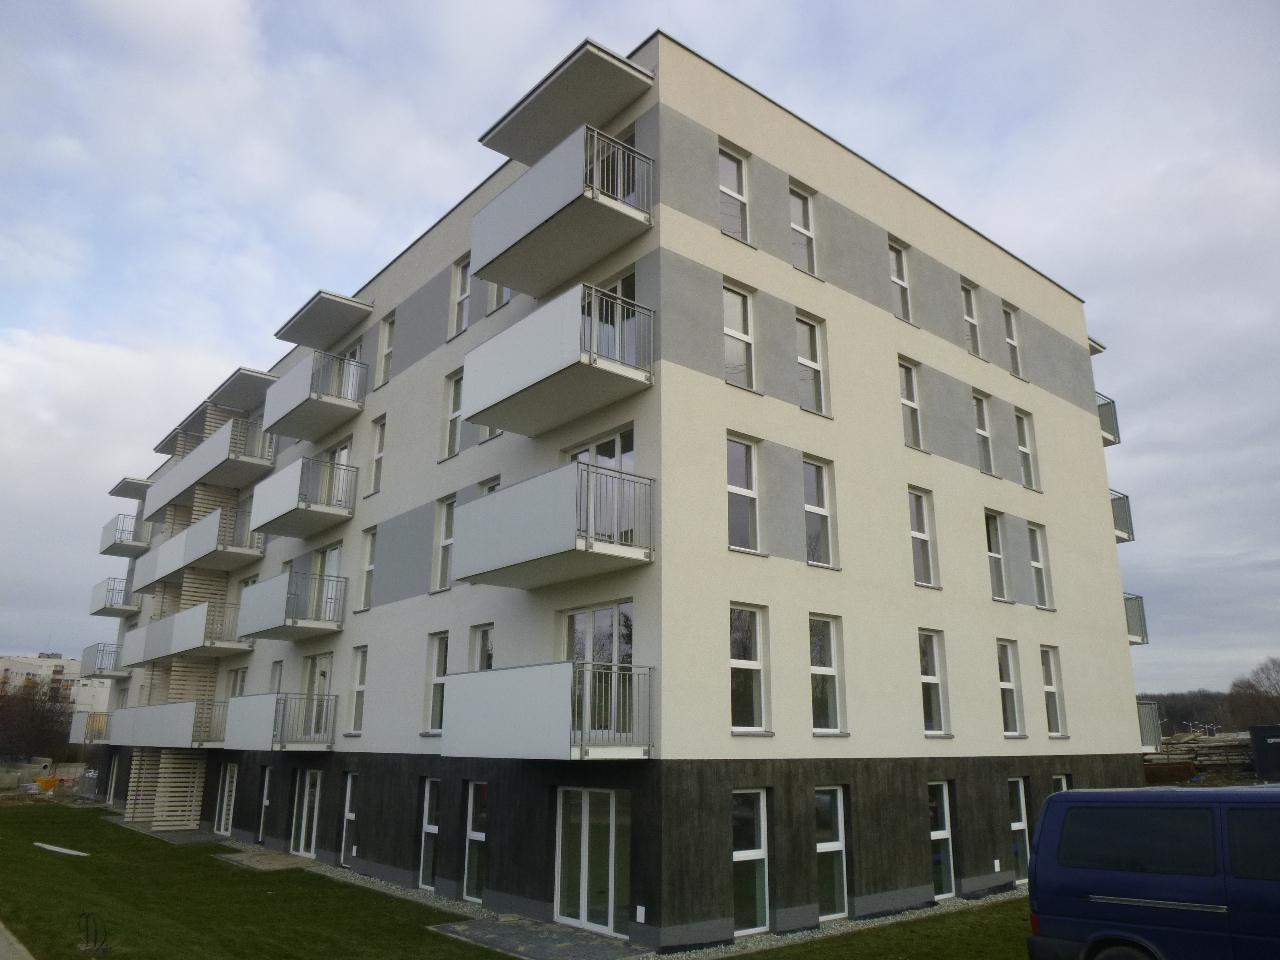 budynek Wspólnoty Mieszkaniowej przy ul. Bażantów 22 w Katowicach zarządzany przez ADM Property sp. z o.o.